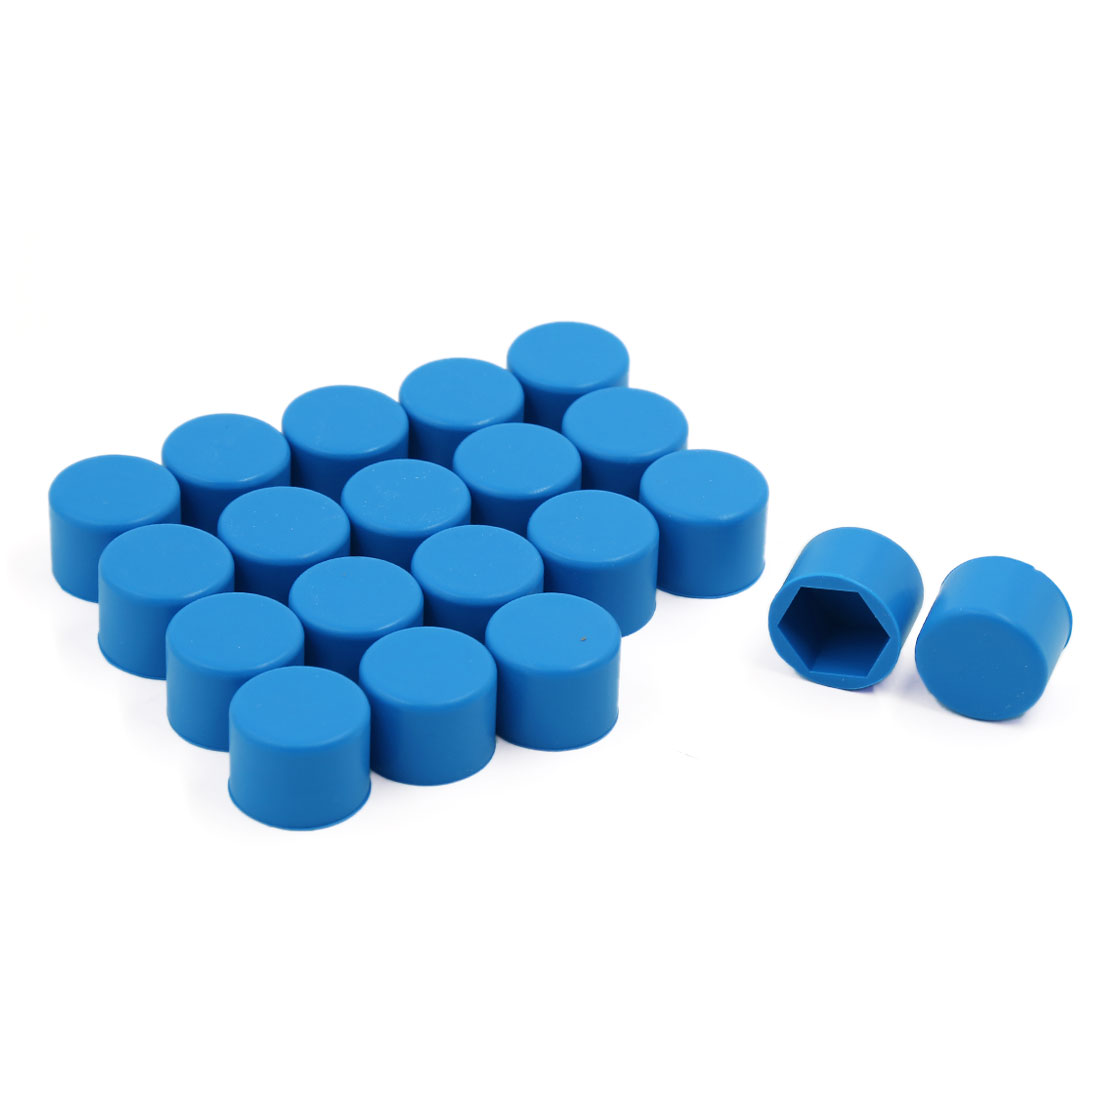 20 Pcs Blue Silicon Car Wheel Rim Nut Lug Dust Cover Hub Bolt Screw Cap 19mm